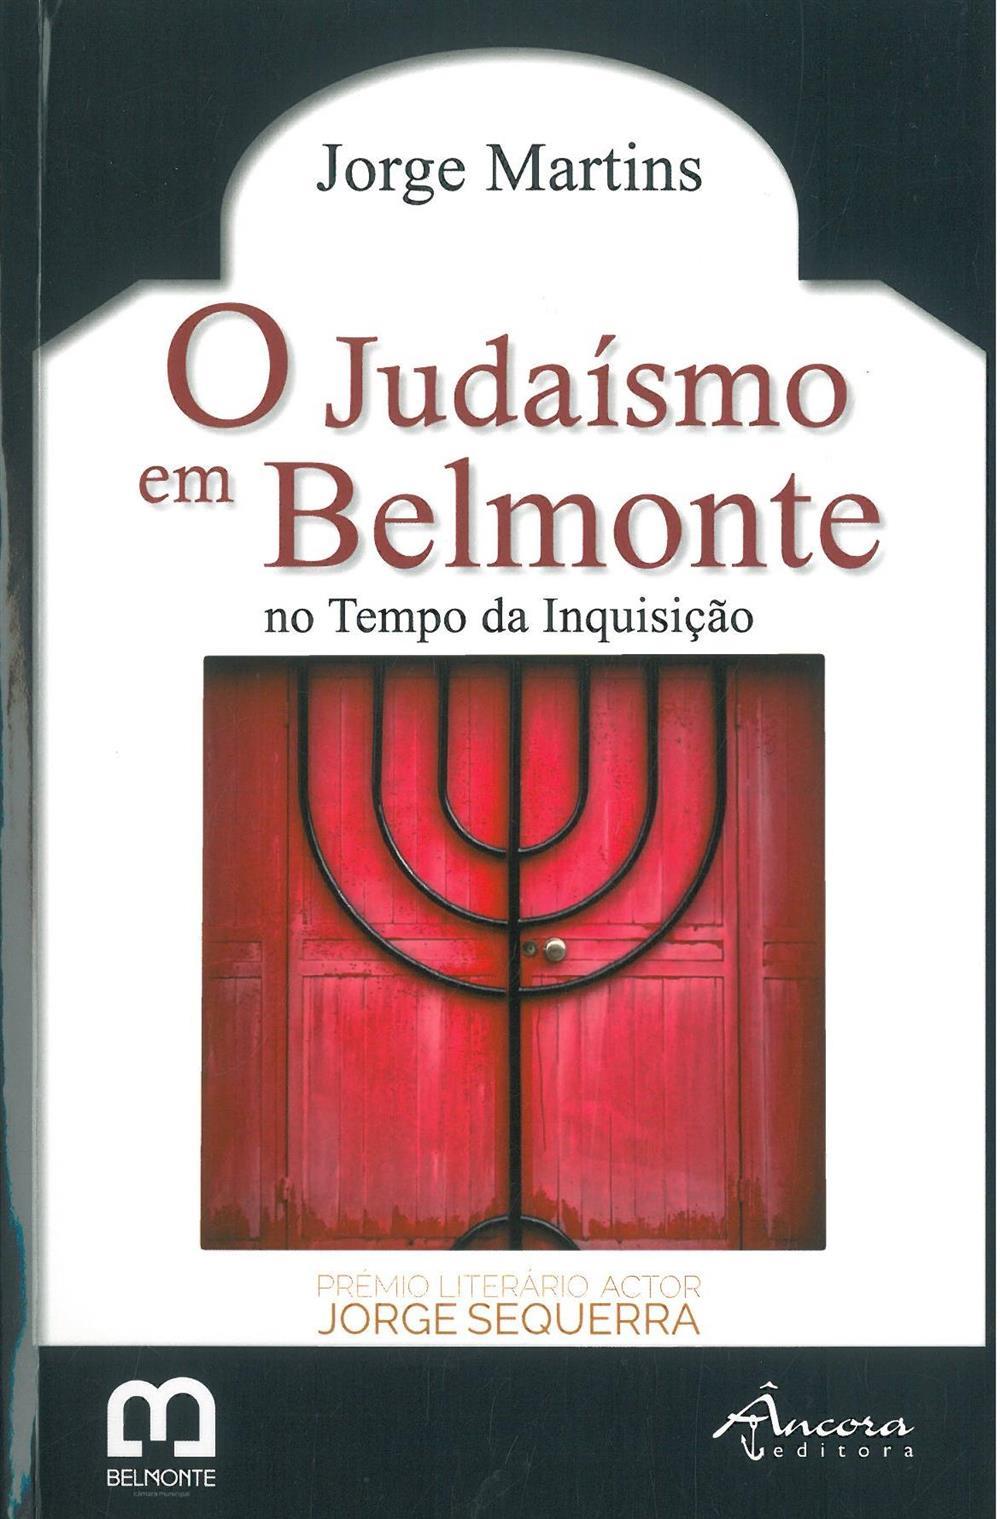 O judaísmo em Belmonte no tempo da inquisição_.jpg